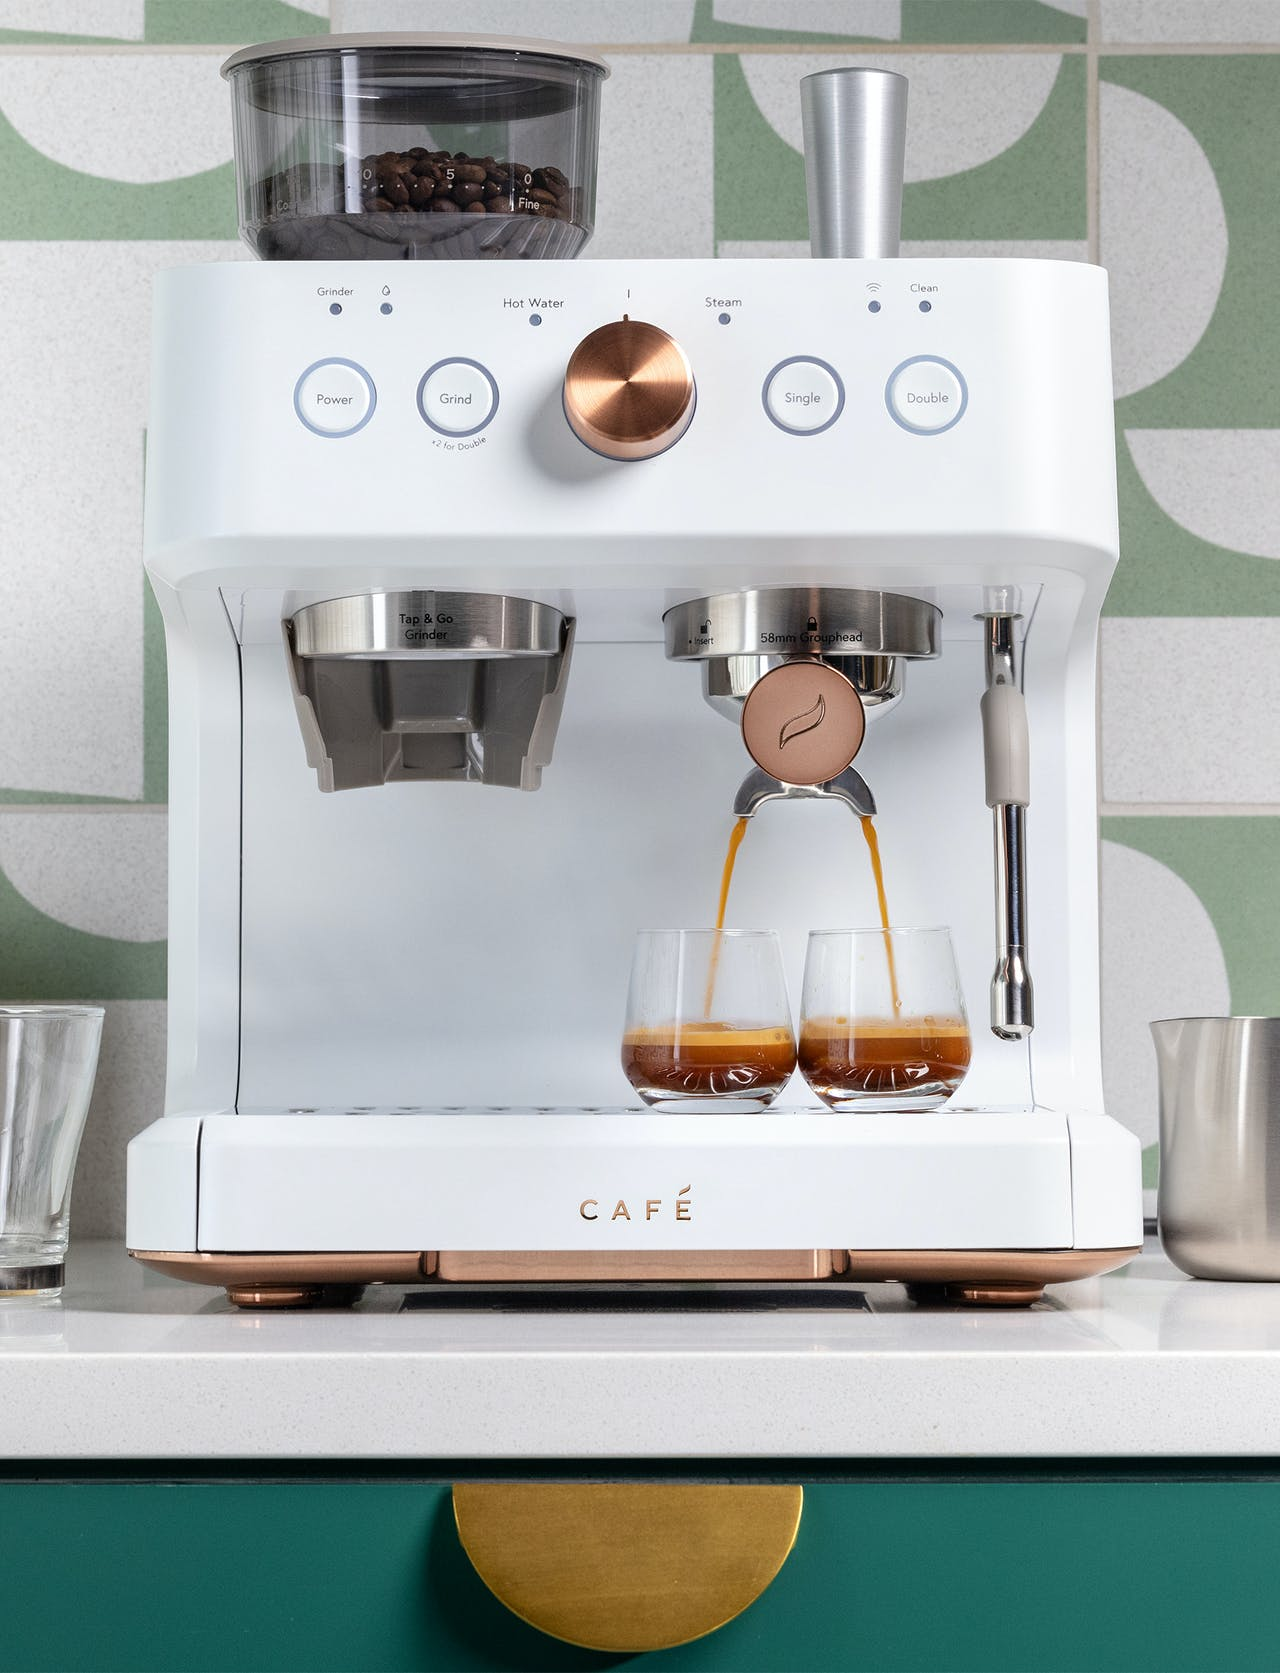 Café Matte White Bellisimo Semi-Automatic Espresso Machine